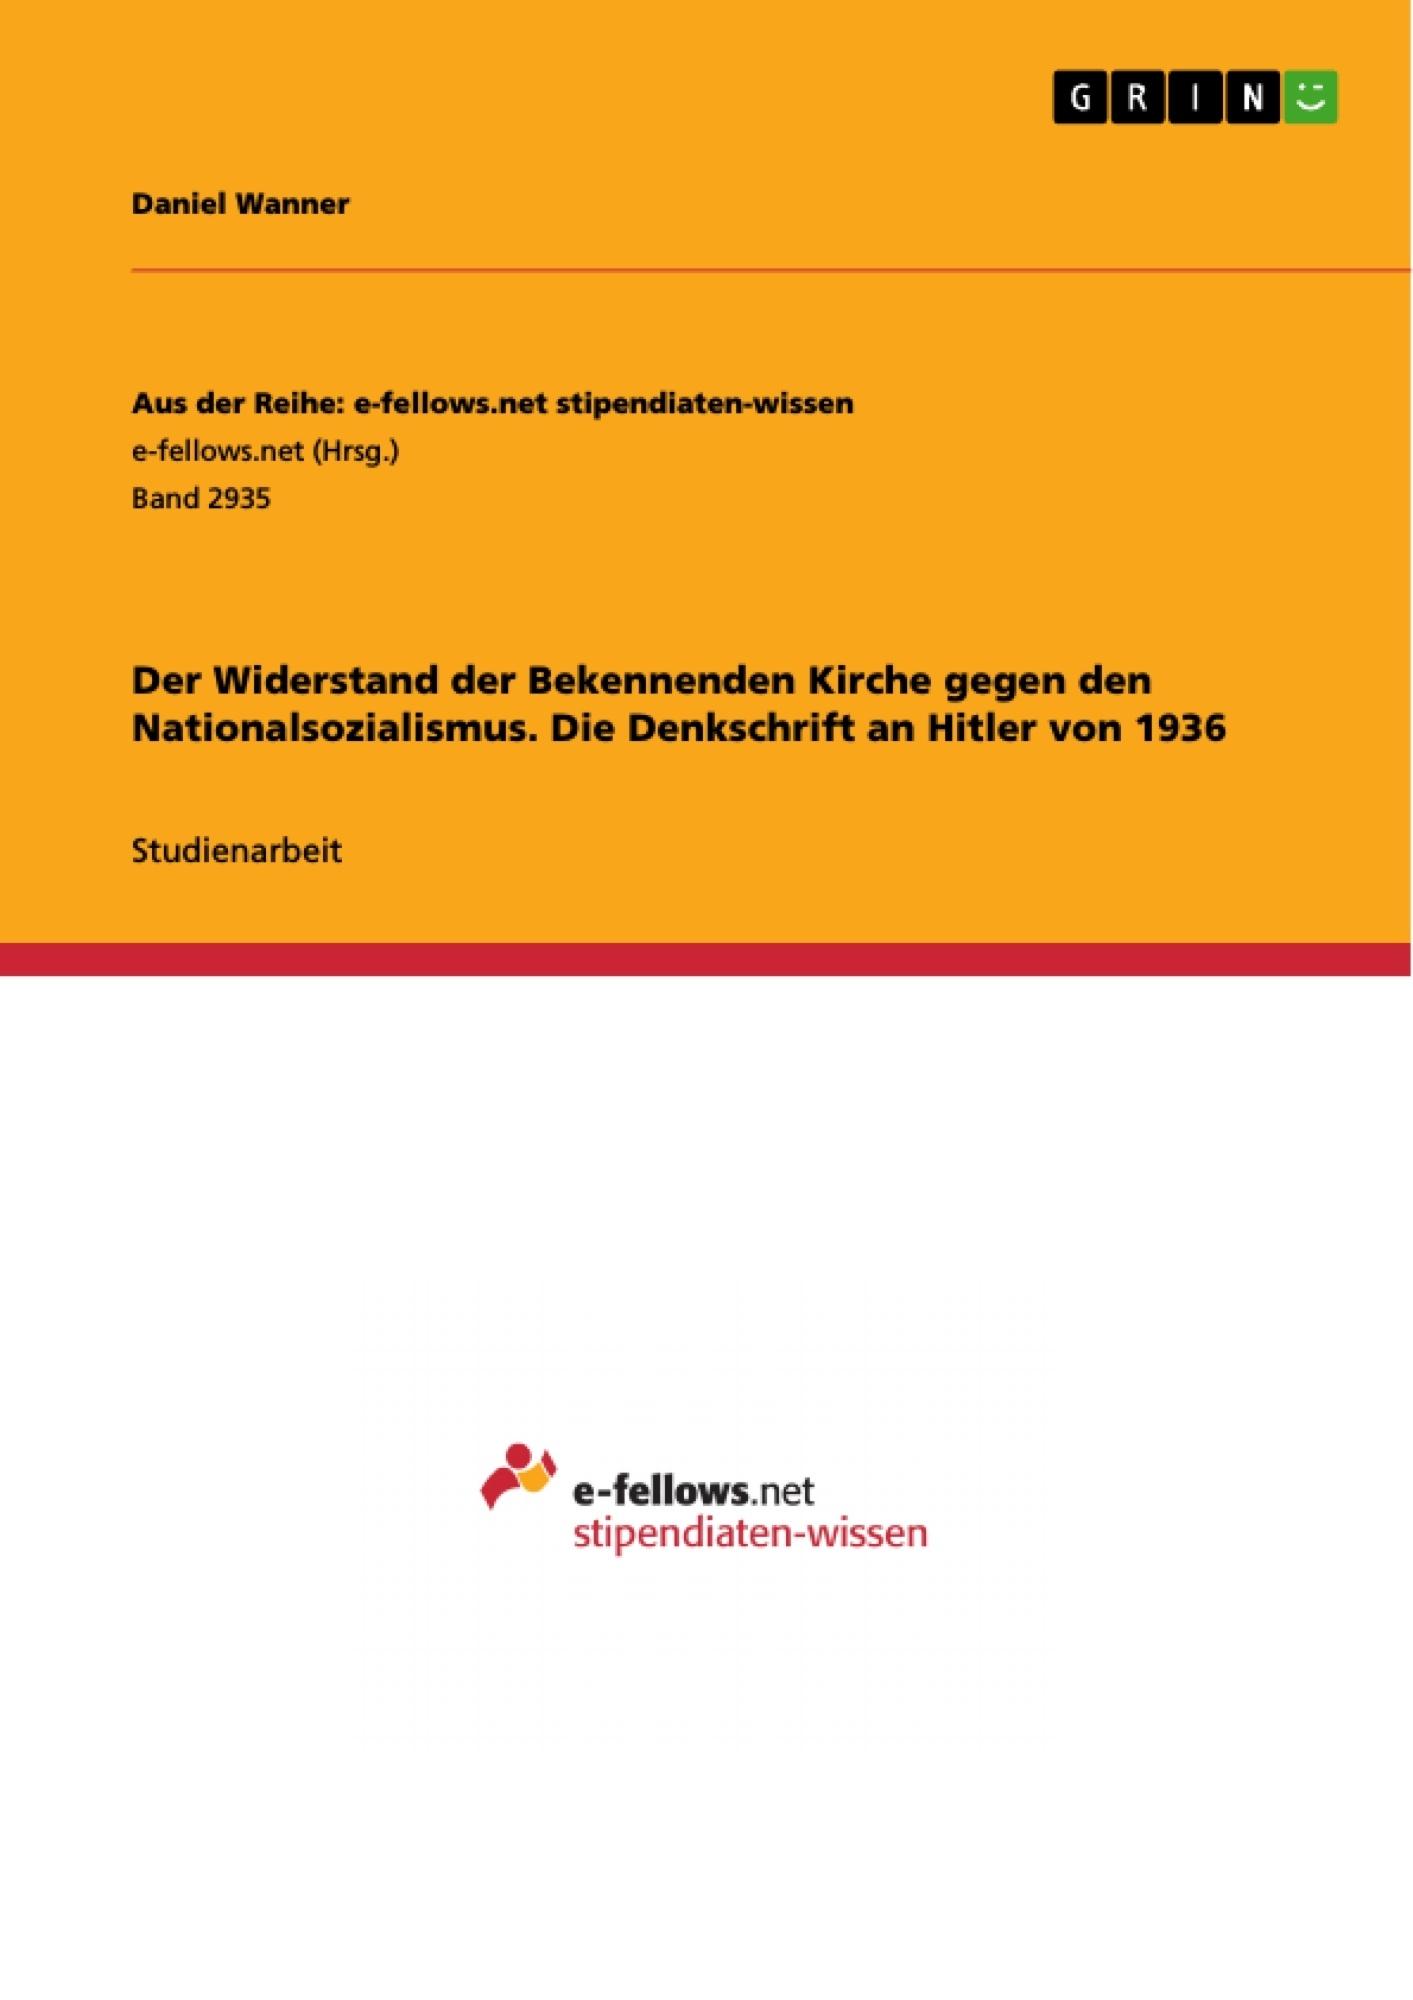 Titel: Der Widerstand der Bekennenden Kirche gegen den Nationalsozialismus. Die Denkschrift an Hitler von 1936